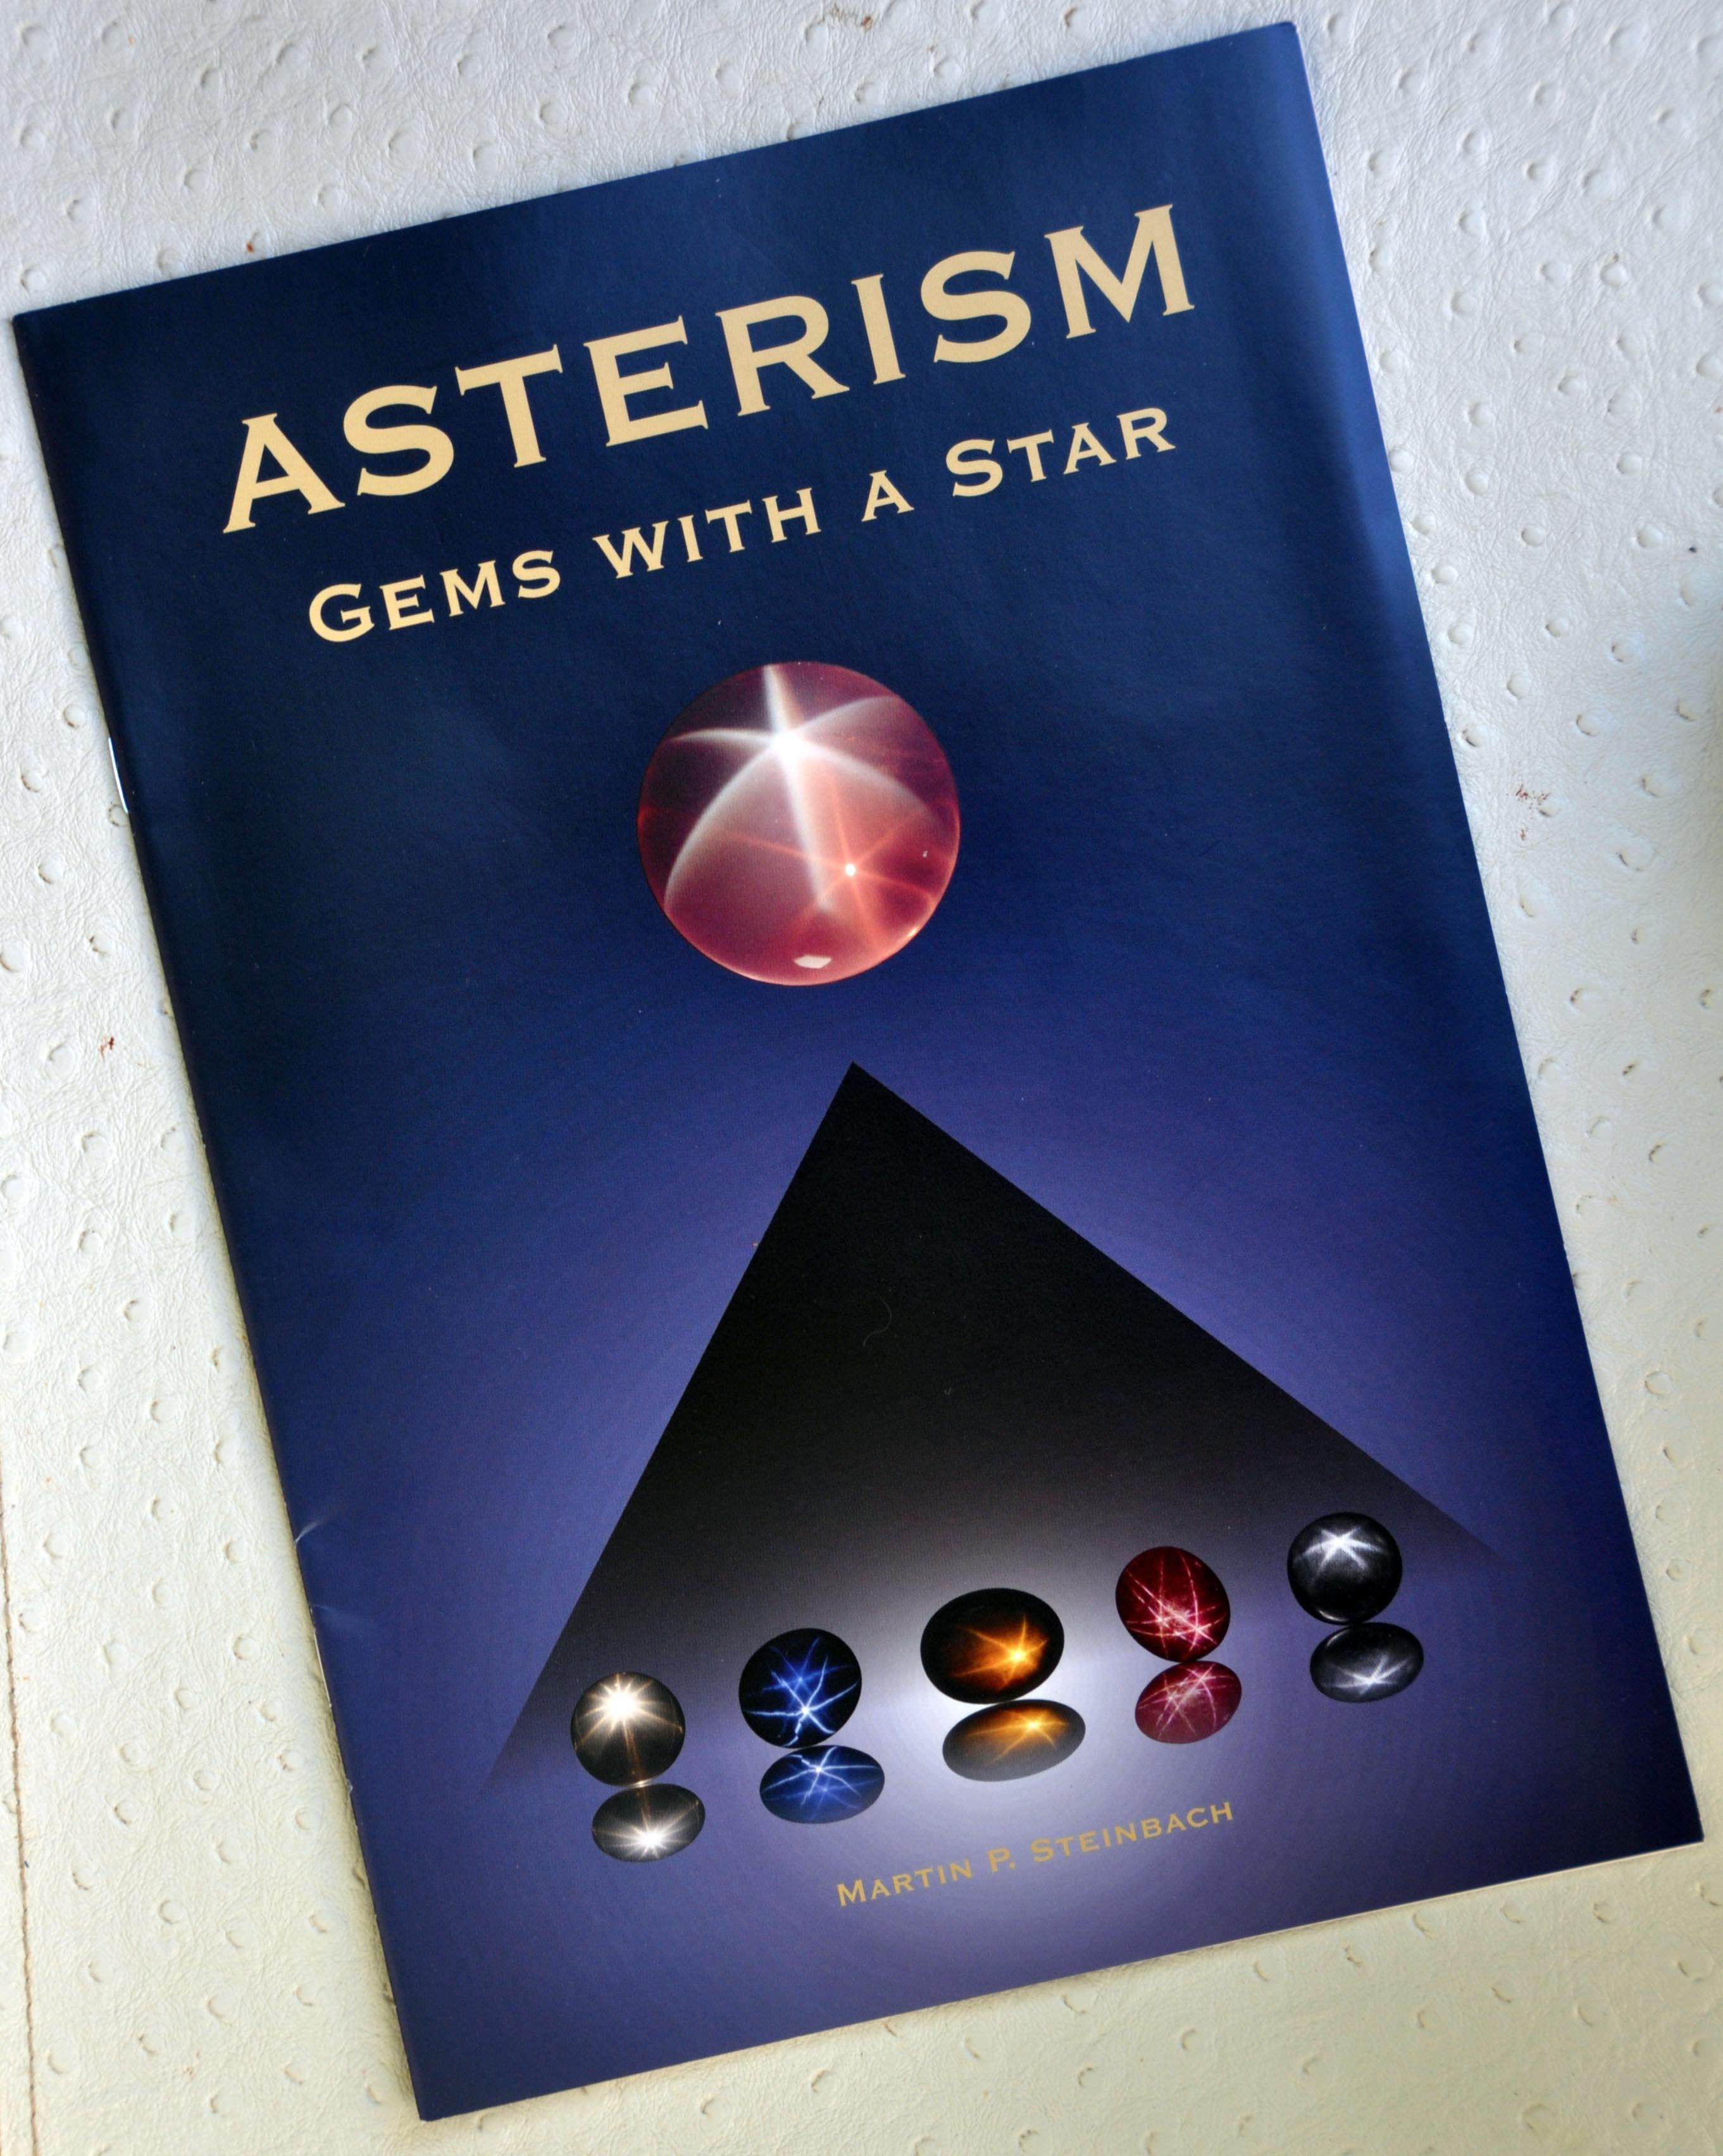 ASTERISM, MARTIN P. STEINBACH169€